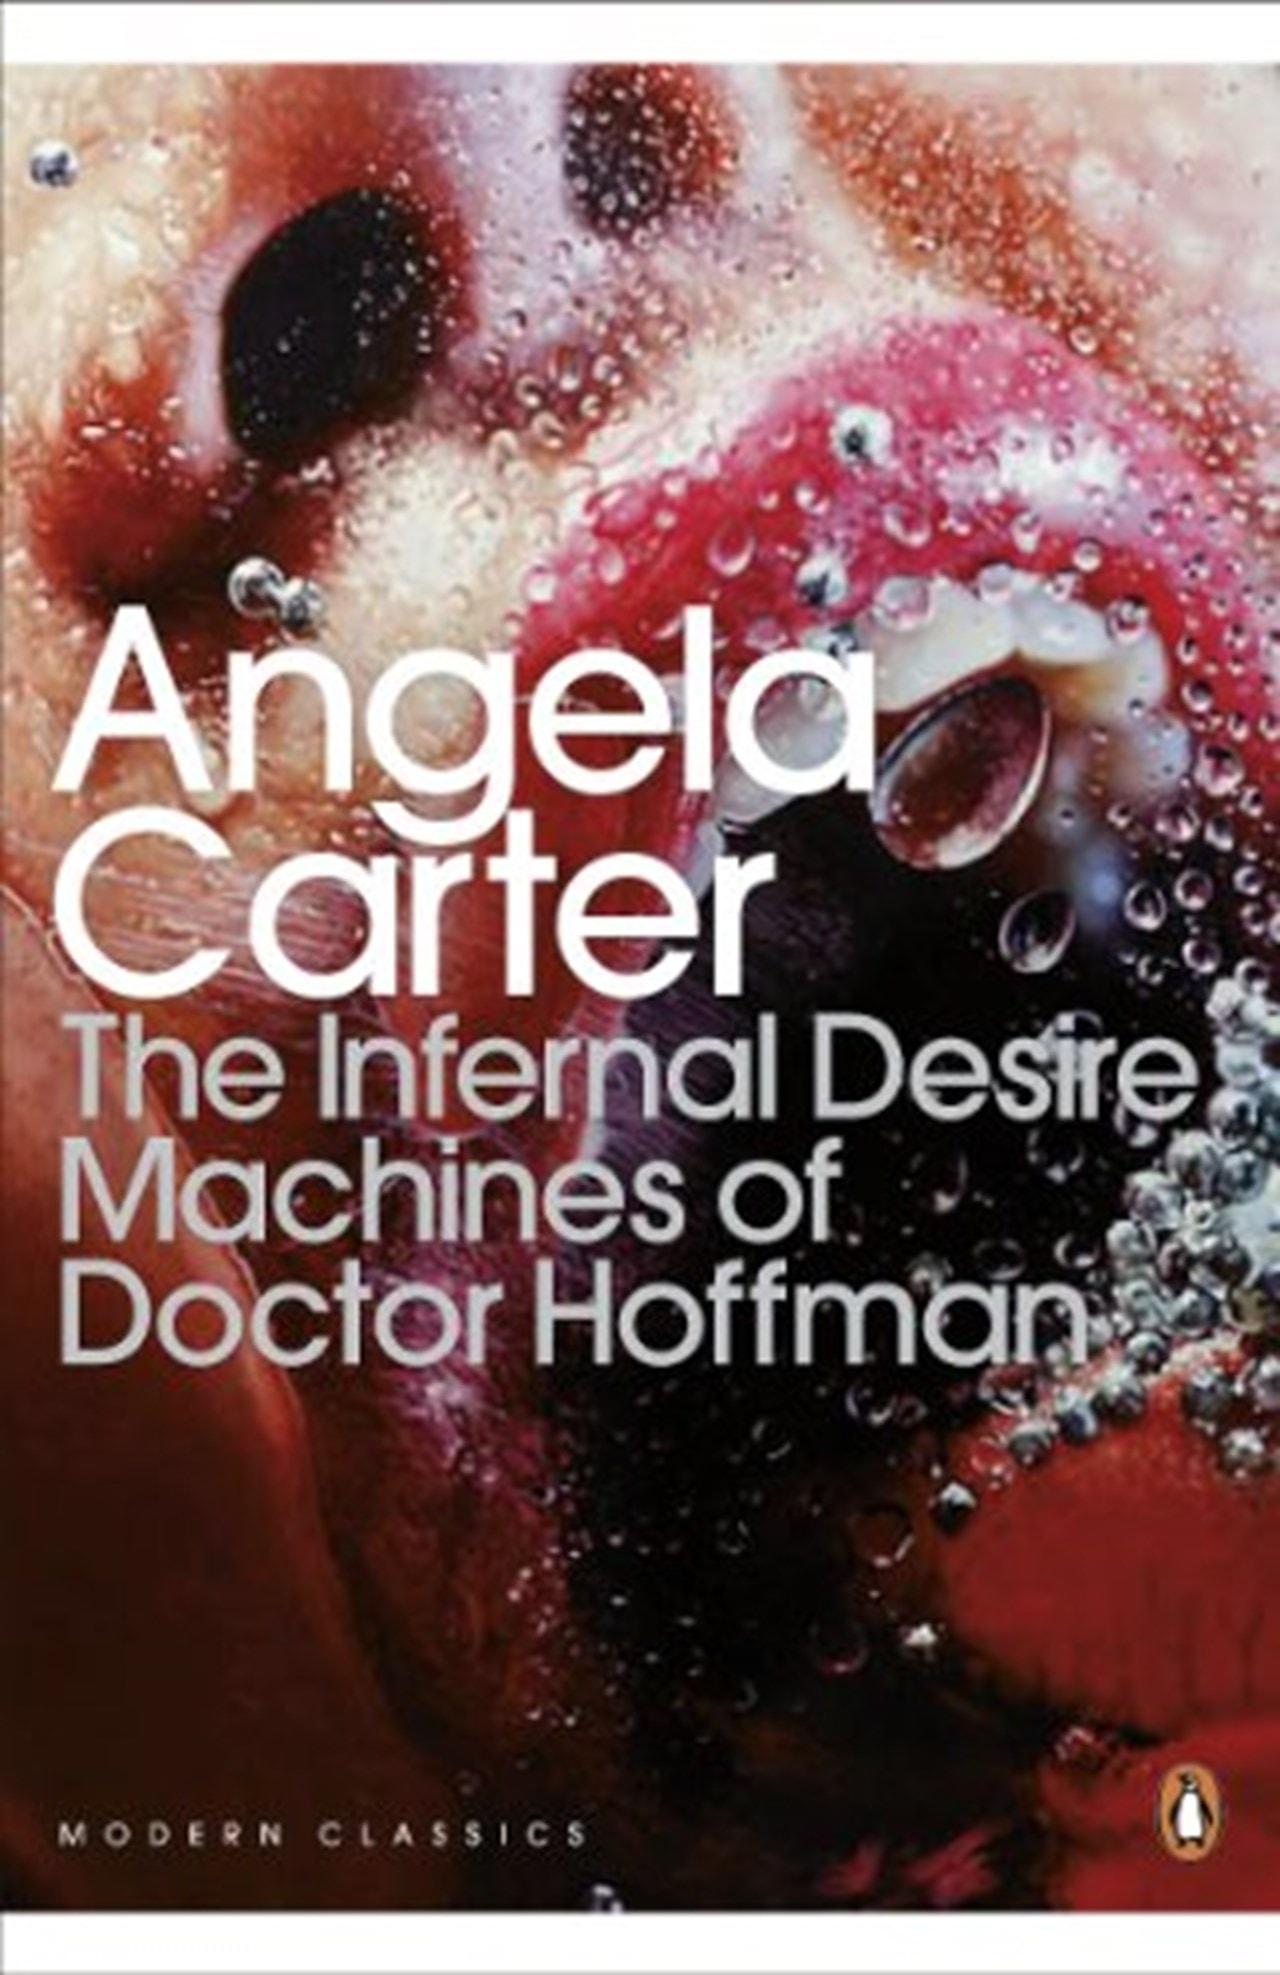 The Infernal Desire Machines Of Doctor Hoffman - 1